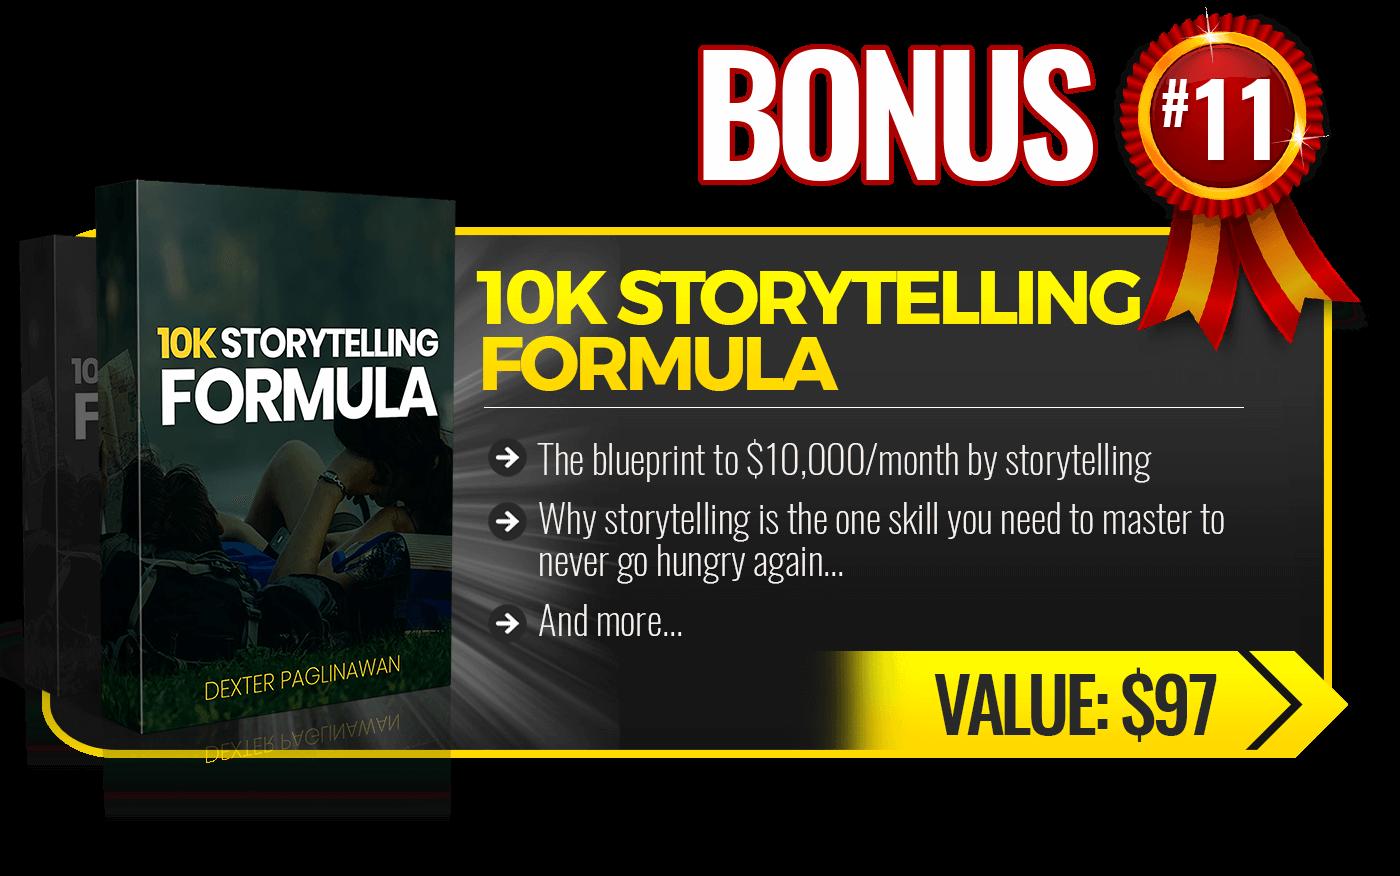 11. 10K StoryTelling